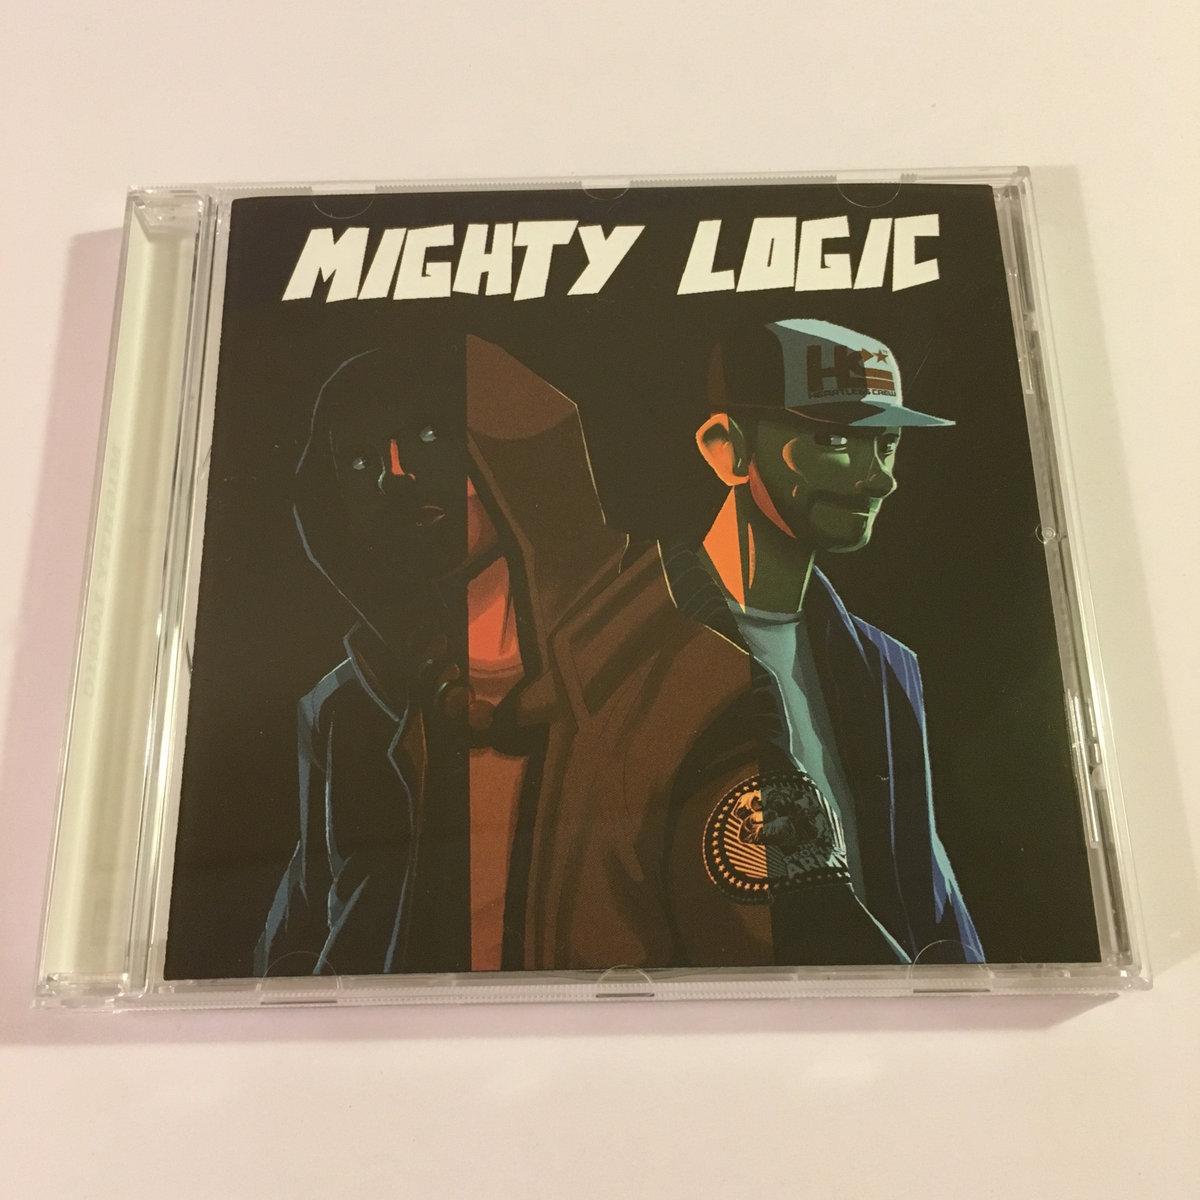 logic discography download free